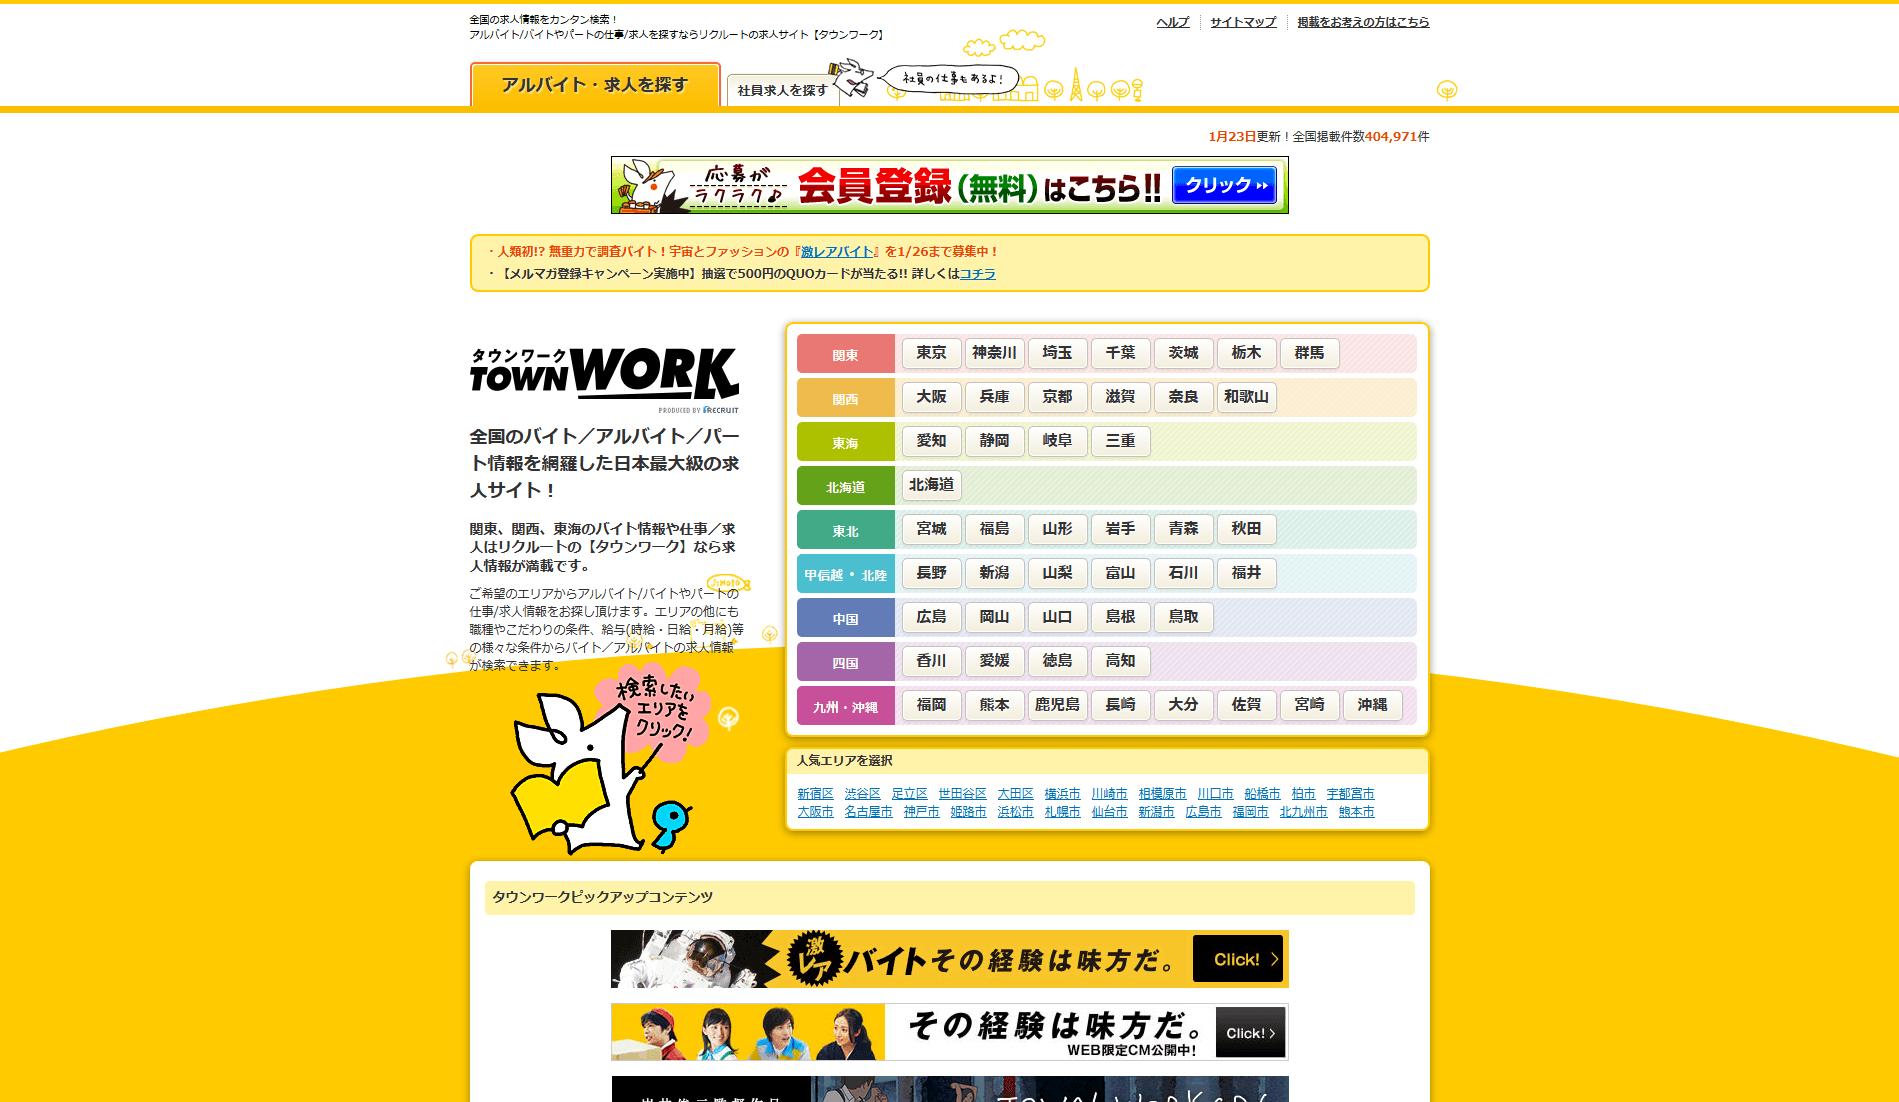 【タウンワーク】でアルバイト・バイト・パートの求人・仕事探し!